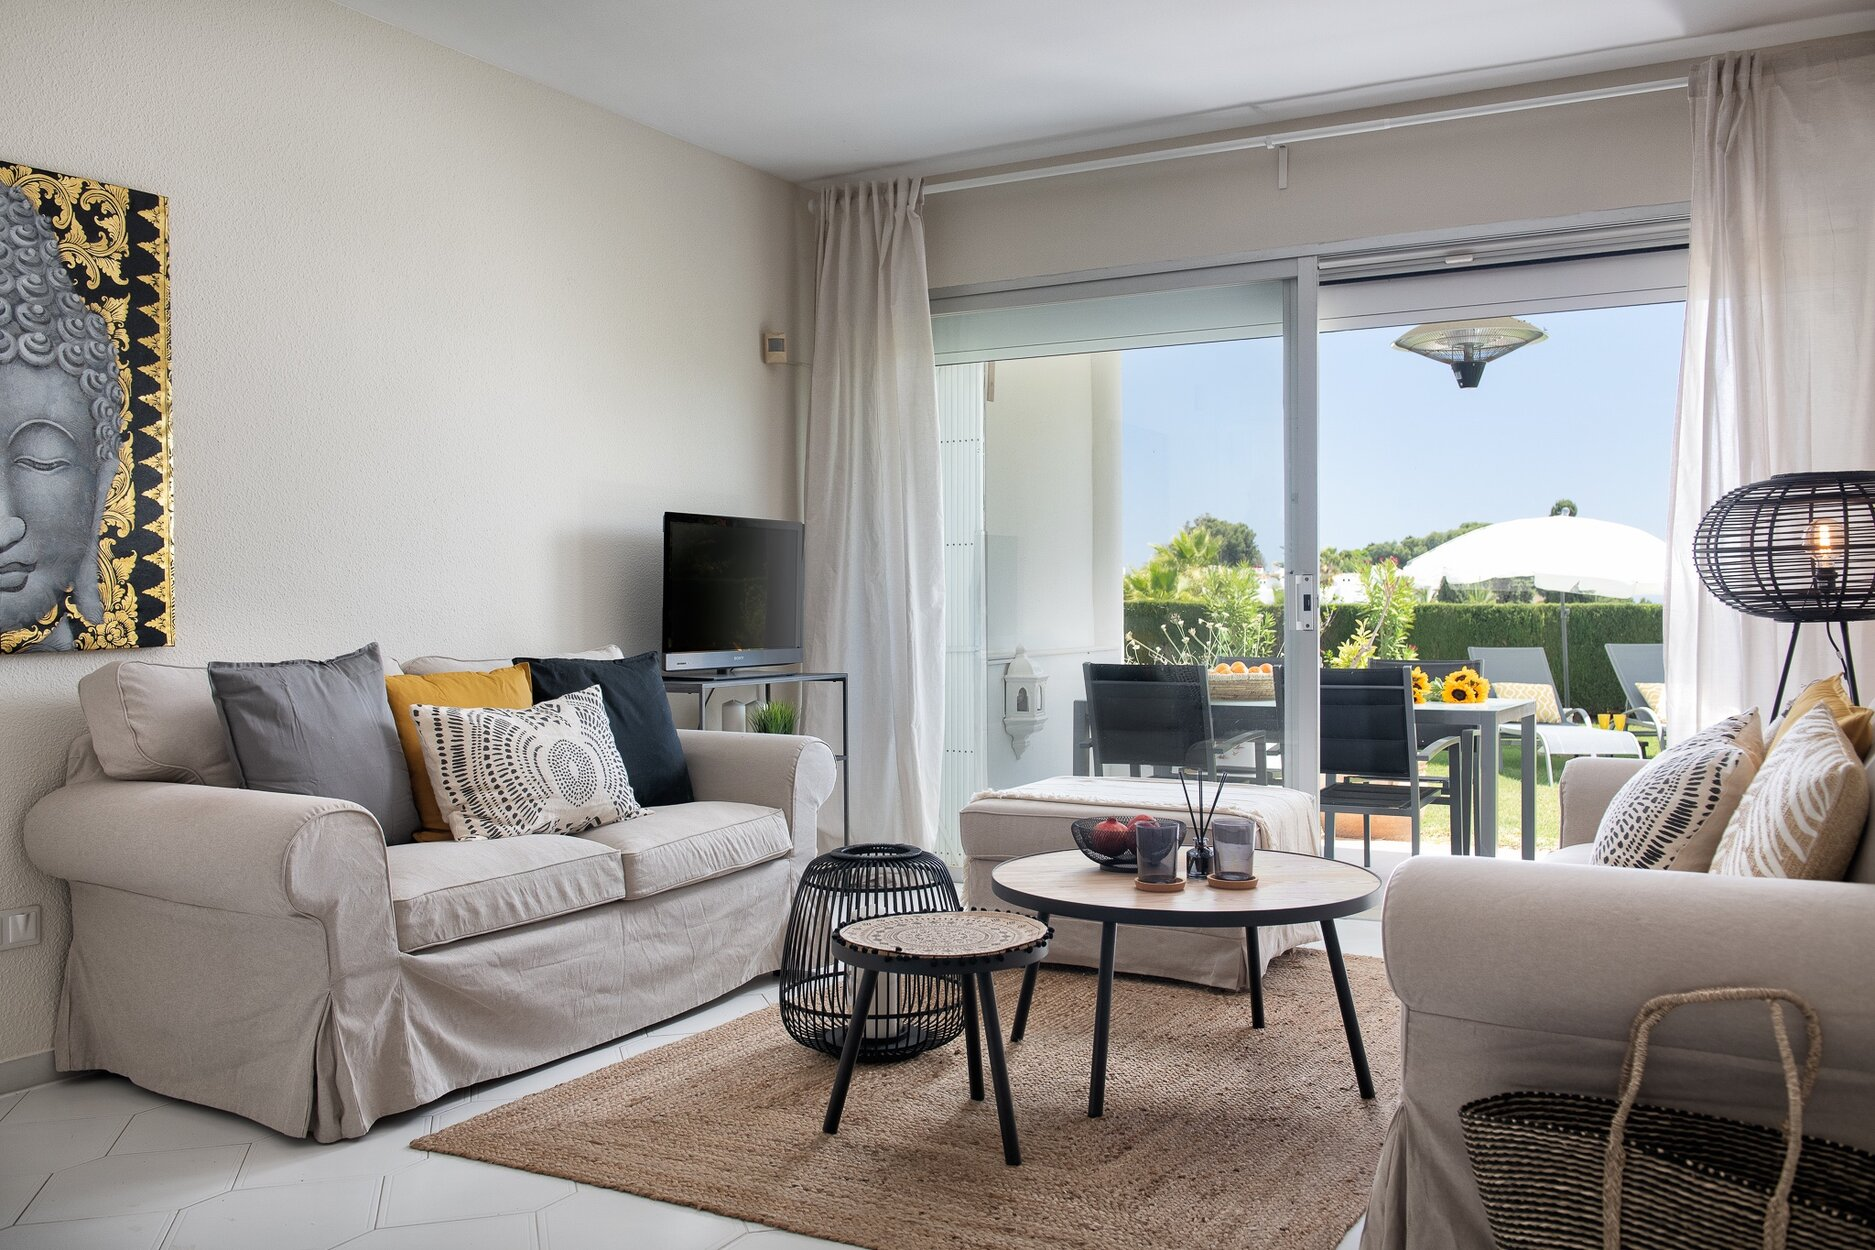 Apartment for sale in Mijas, Miraflores